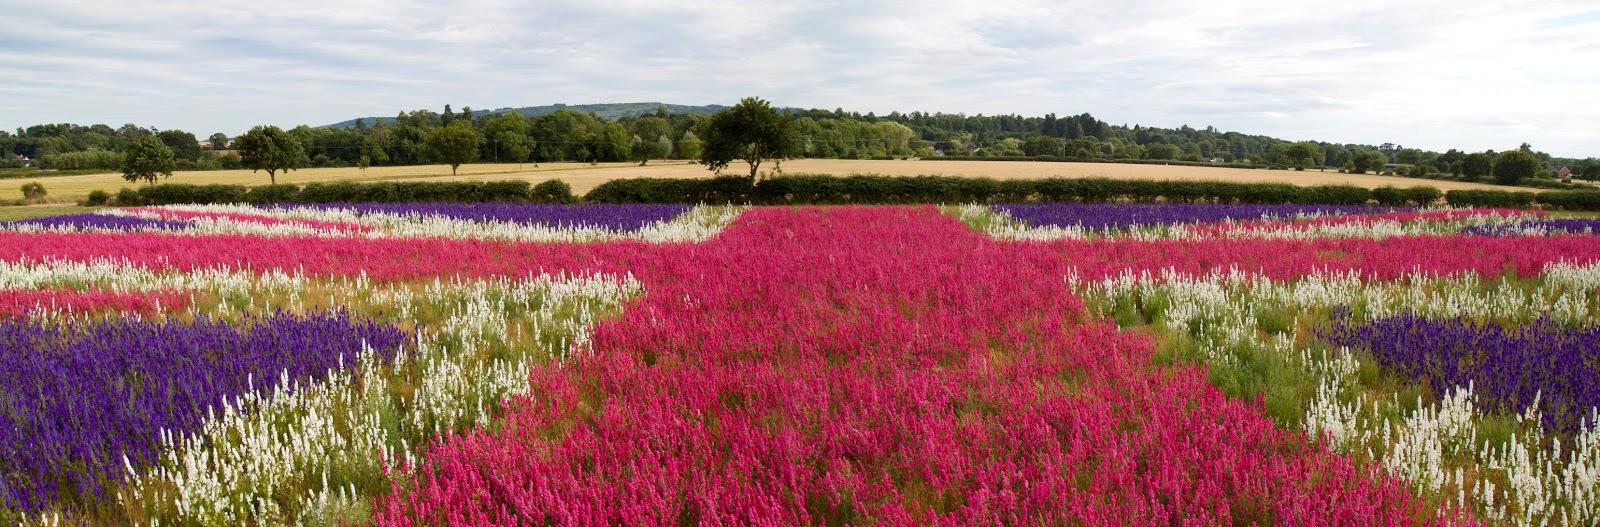 Ngỡ ngàng vẻ đẹp thiên đường hoa mùa hè chỉ mở cửa 7 ngày mỗi năm - 3